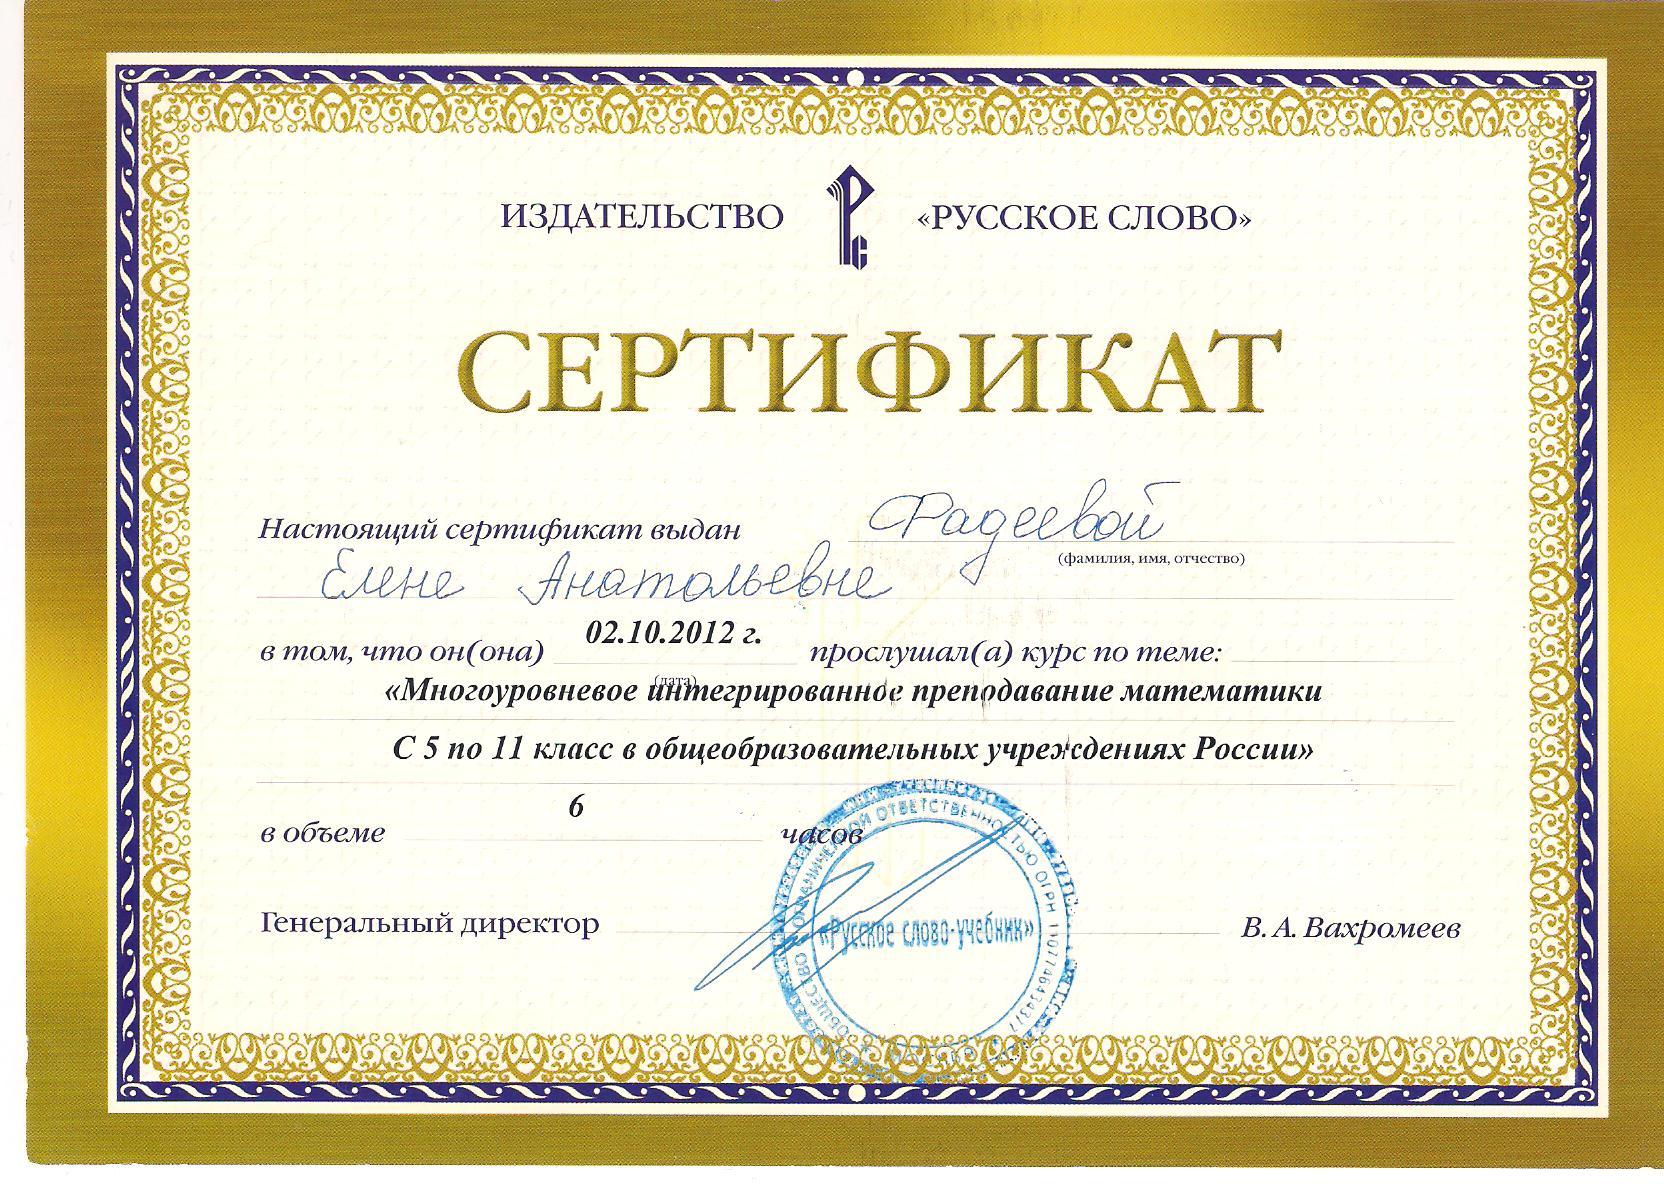 Сертификат_Русское_слово